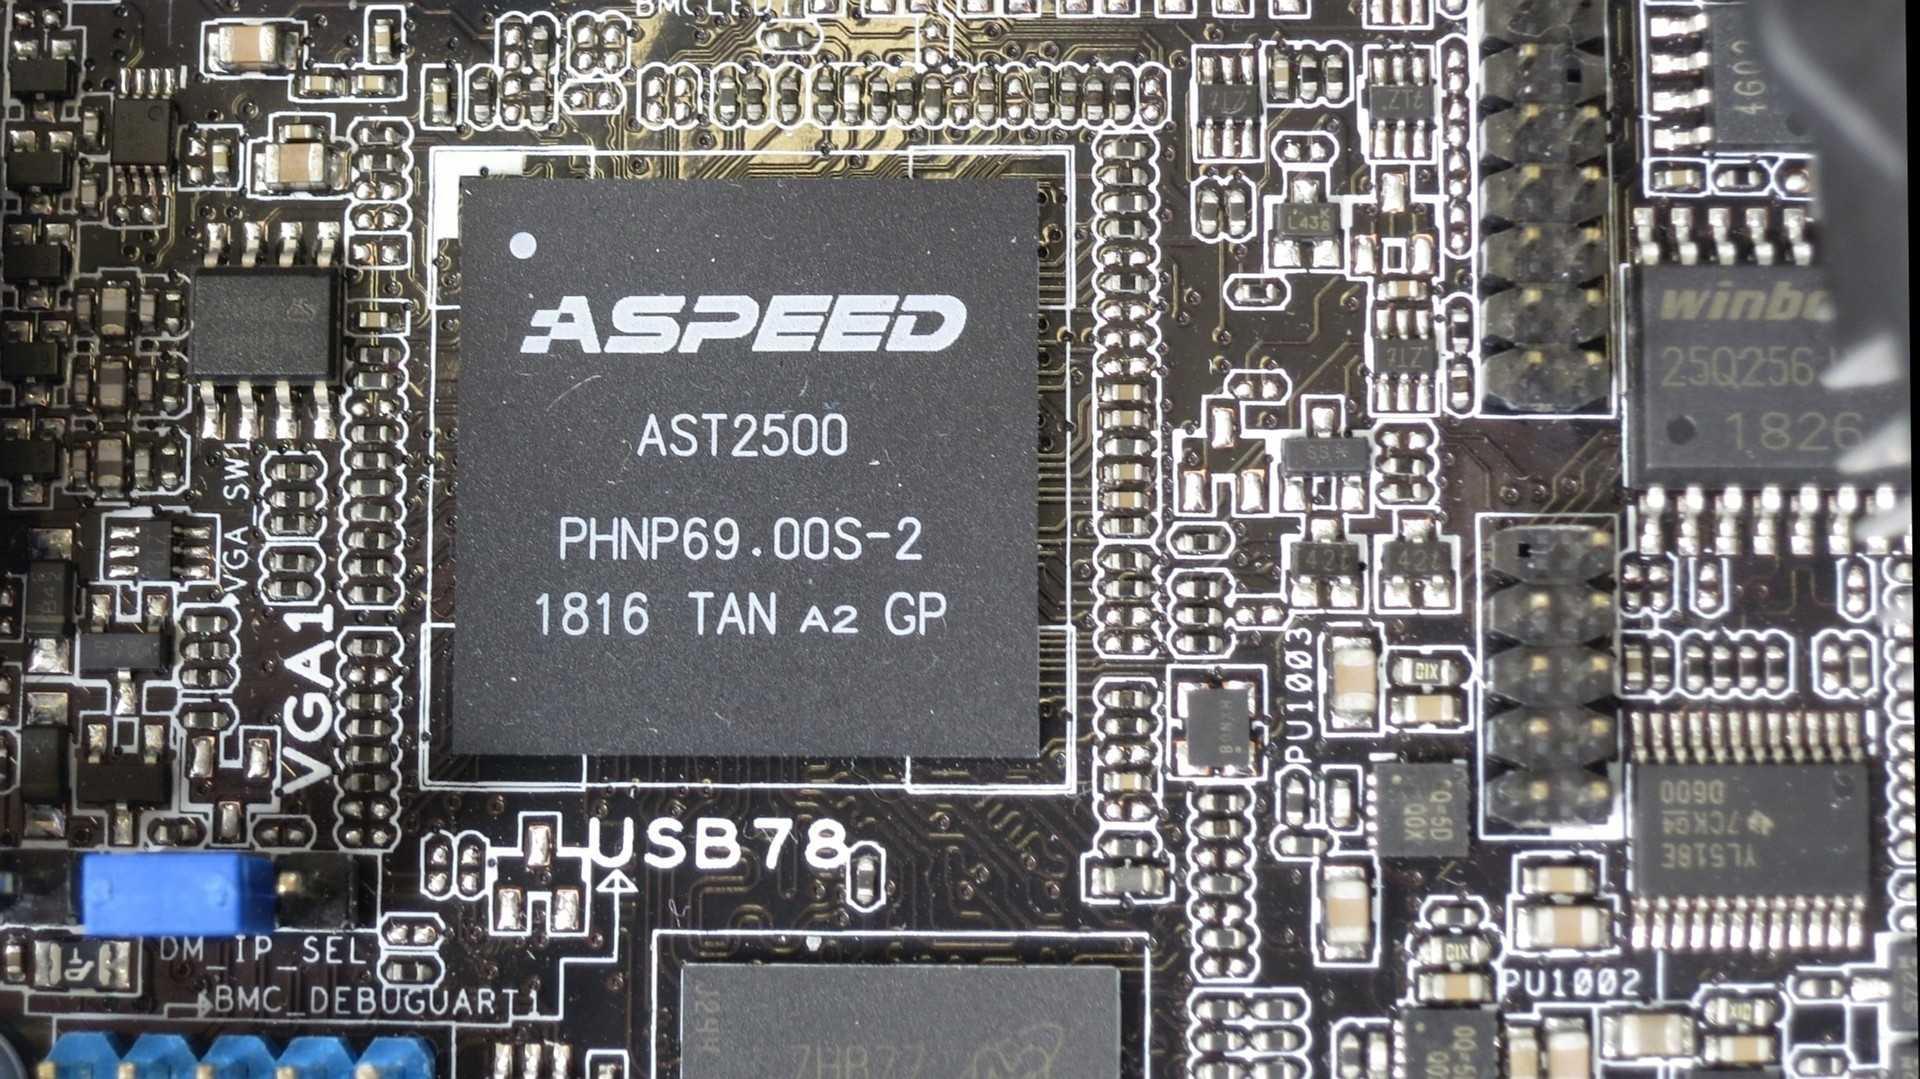 Der Baseboard Management Controller (BMC/Fernwartungschip) Aspeed AST2500